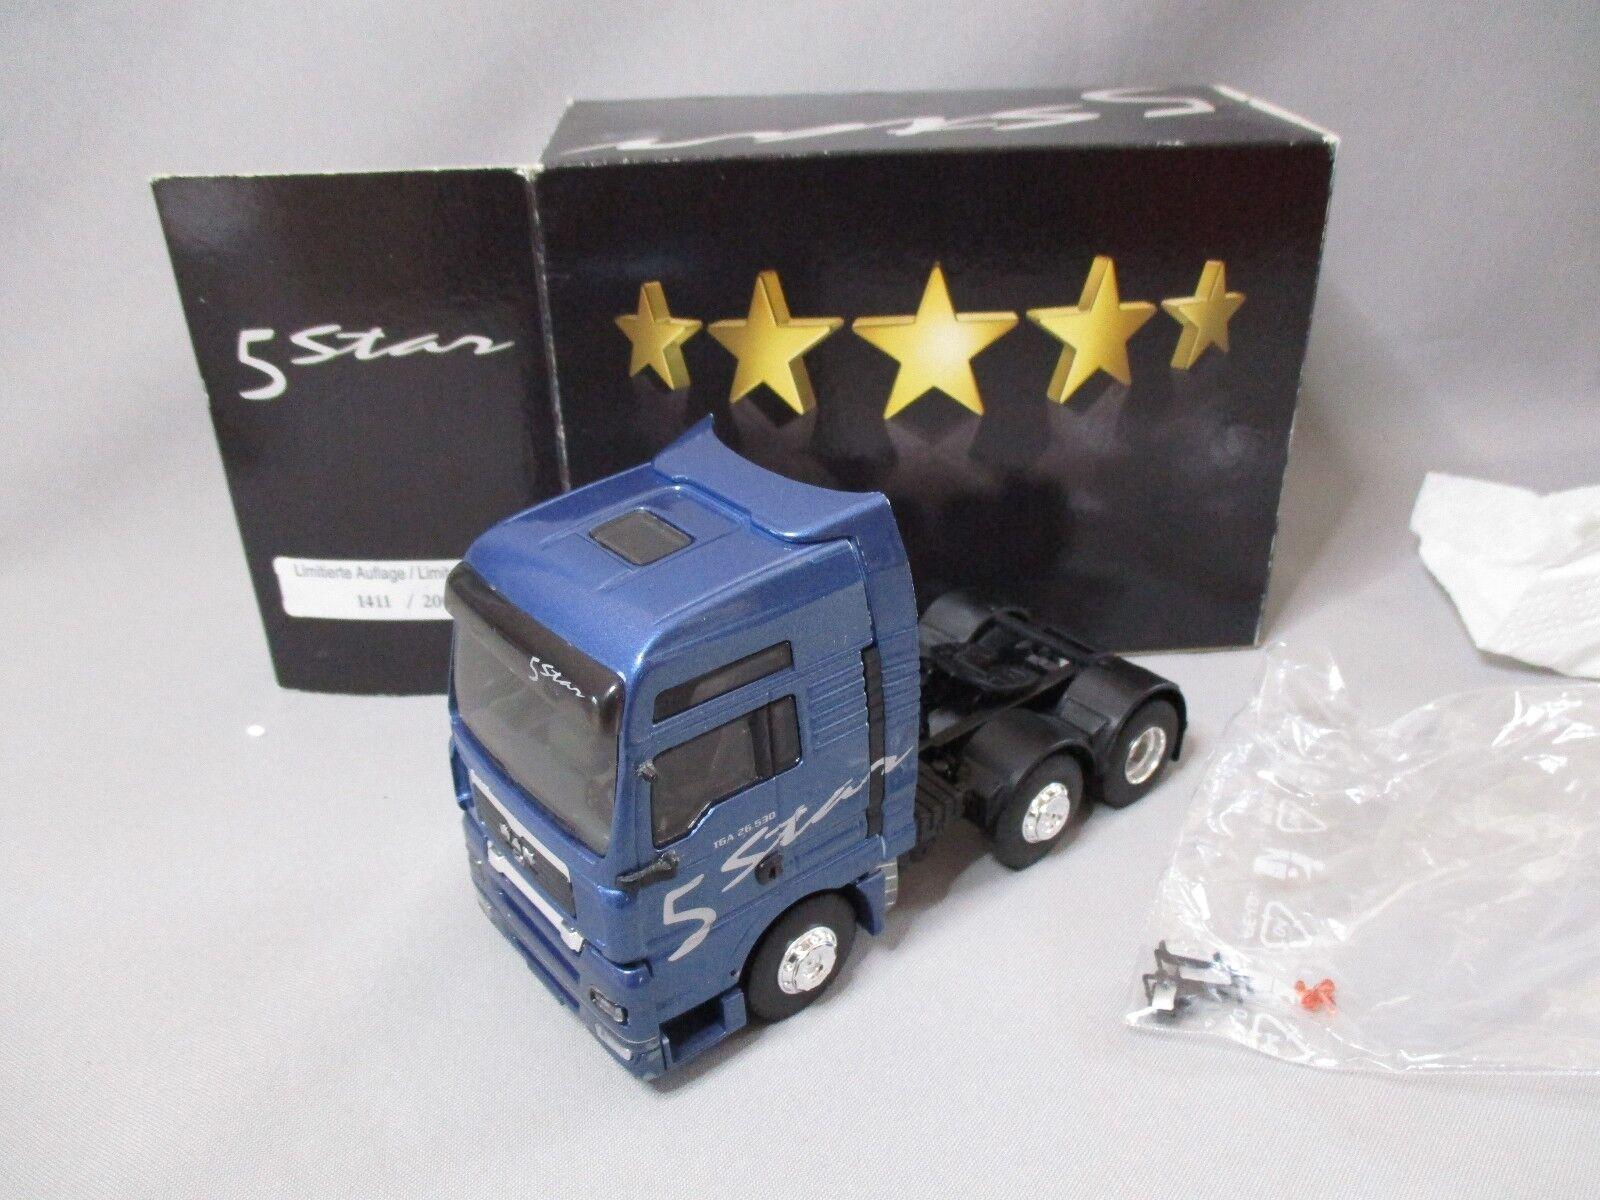 Dv8128 eligor 1 43 man tg xxl tractor 26.530 5 star 6x2 blueee 112922